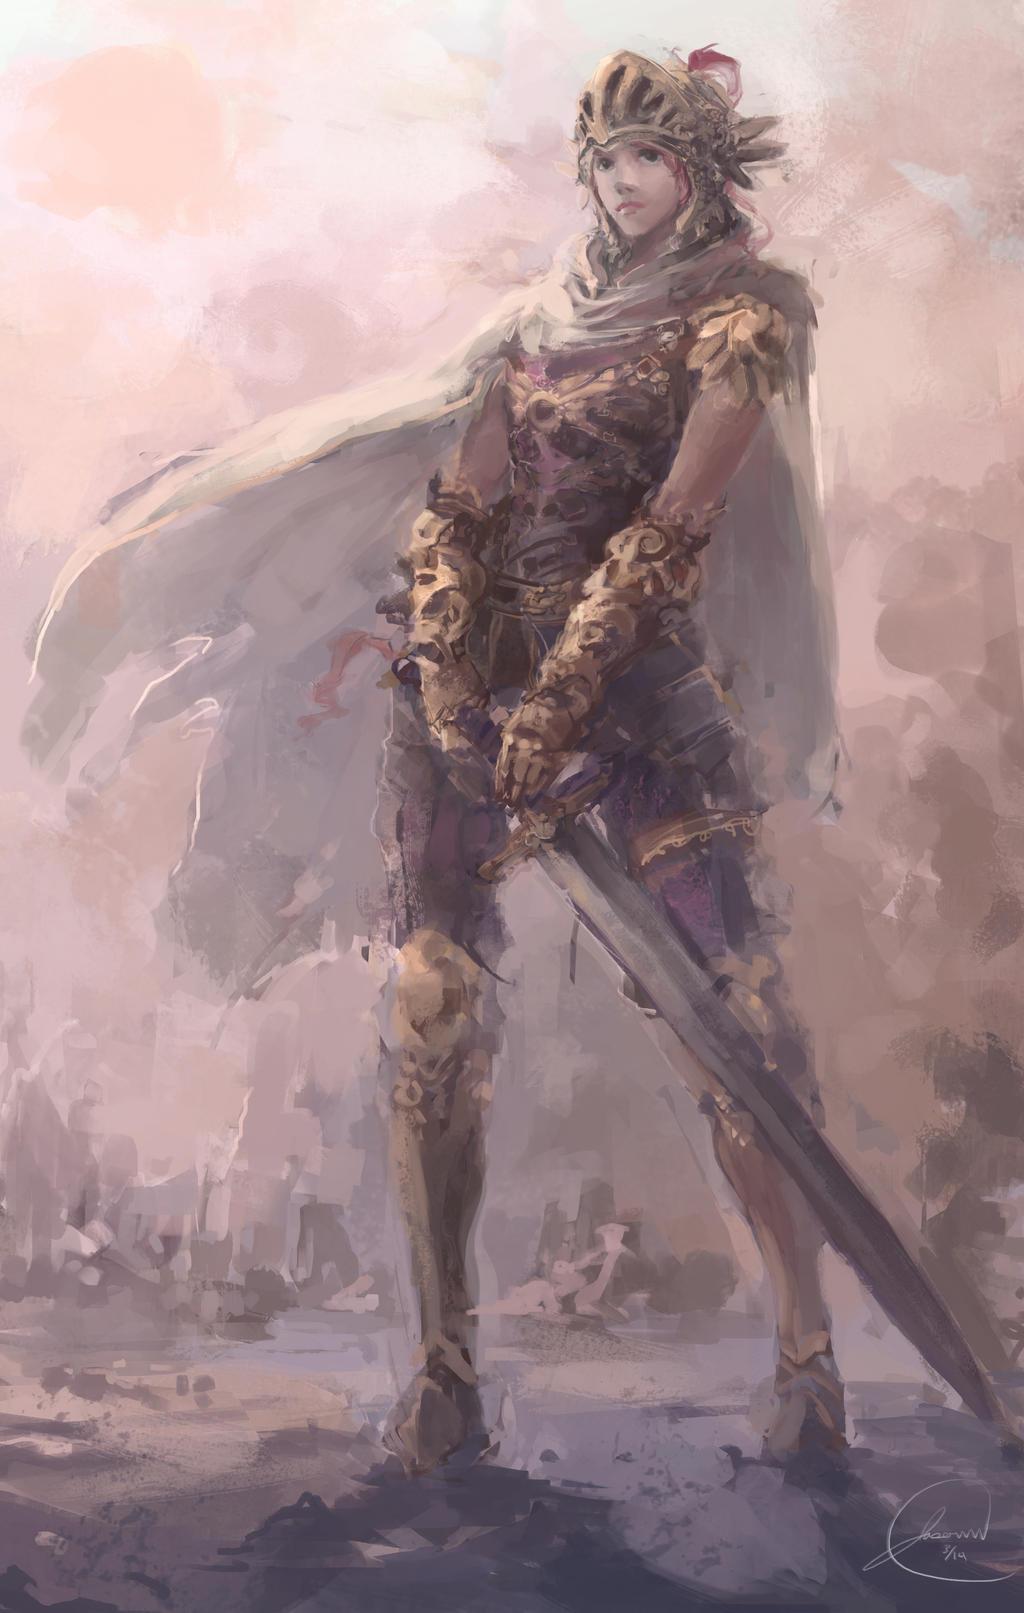 Galeria de Arte: Ficção & Fantasia 1 - Página 4 Desert_knight_by_nosaj7541-d7ce9r7